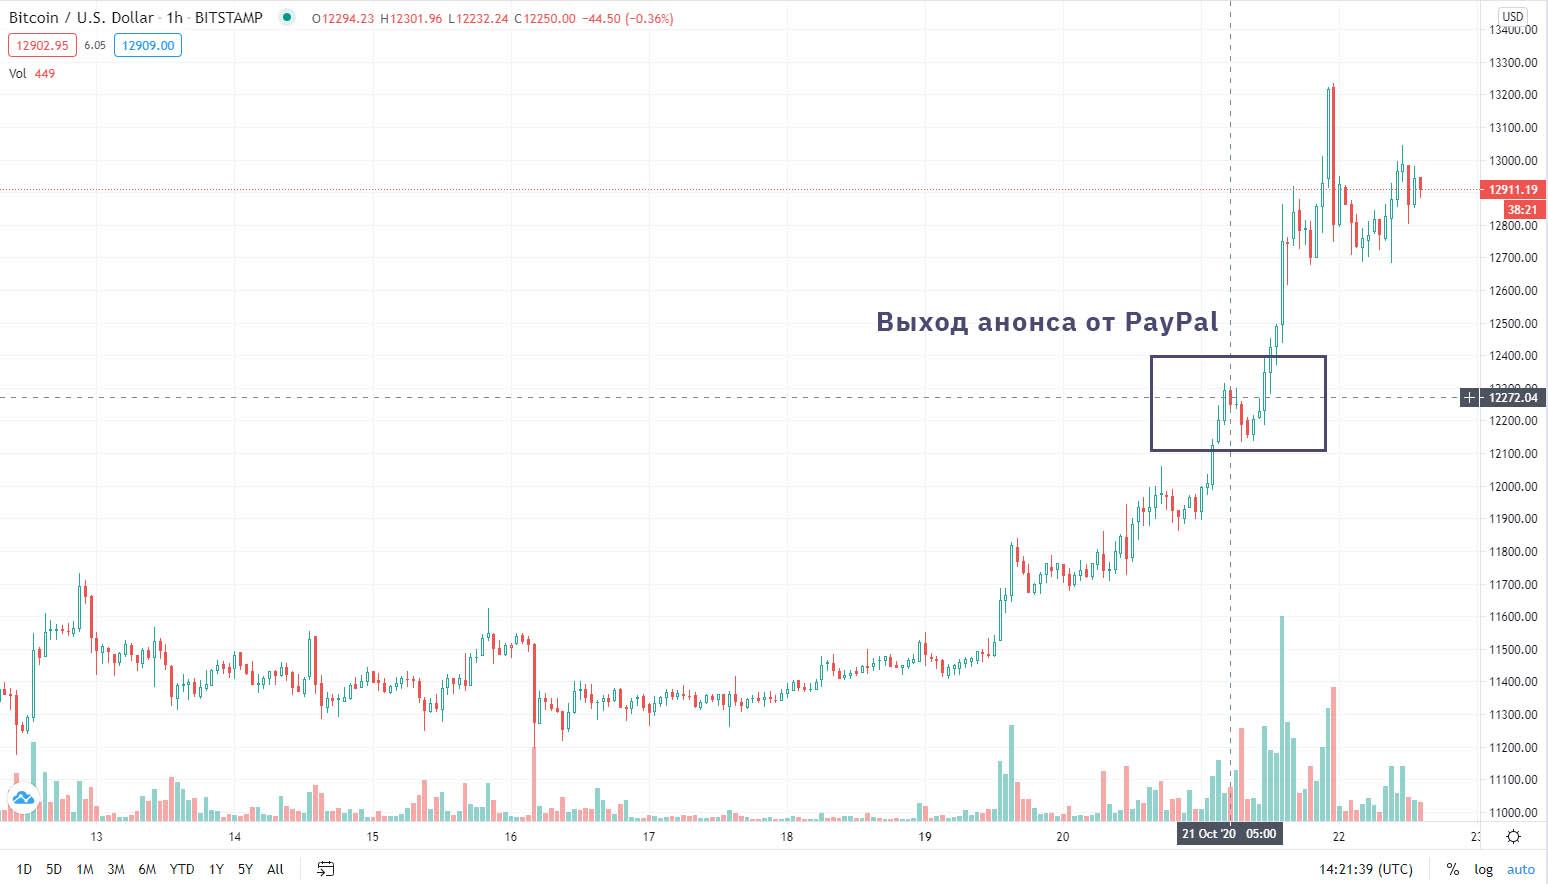 Биткоину удалось закрепиться выше $12 200, после чего платёжный сервис PayPal анонсировал о добавление возможности покупки, продажи и хранения биткоина